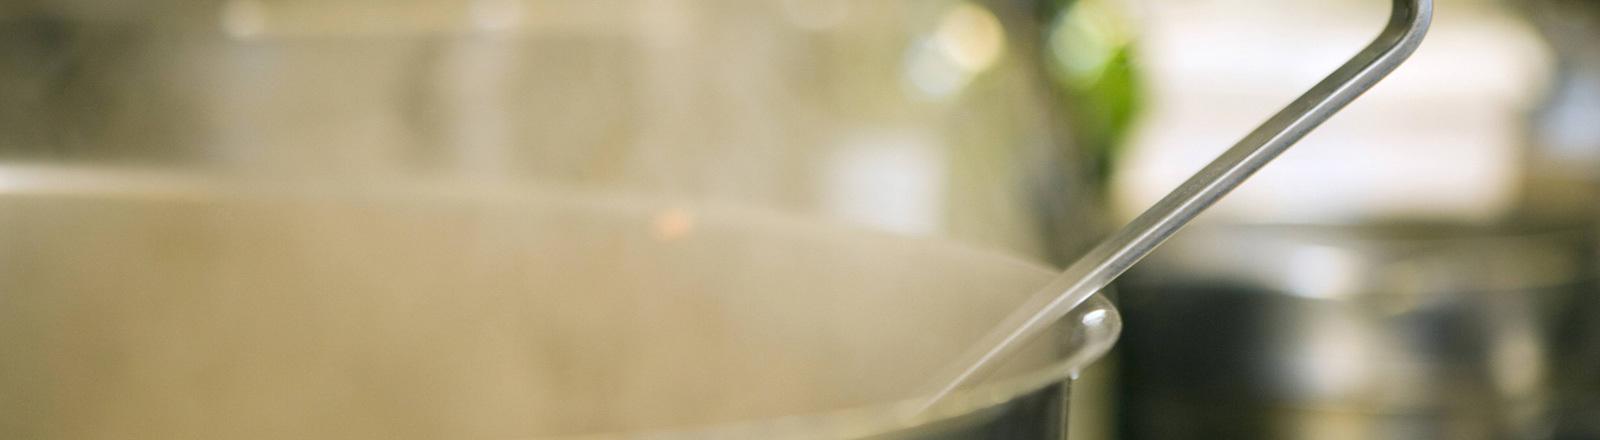 Arbeit in der Küche - ein dampfender Topf.